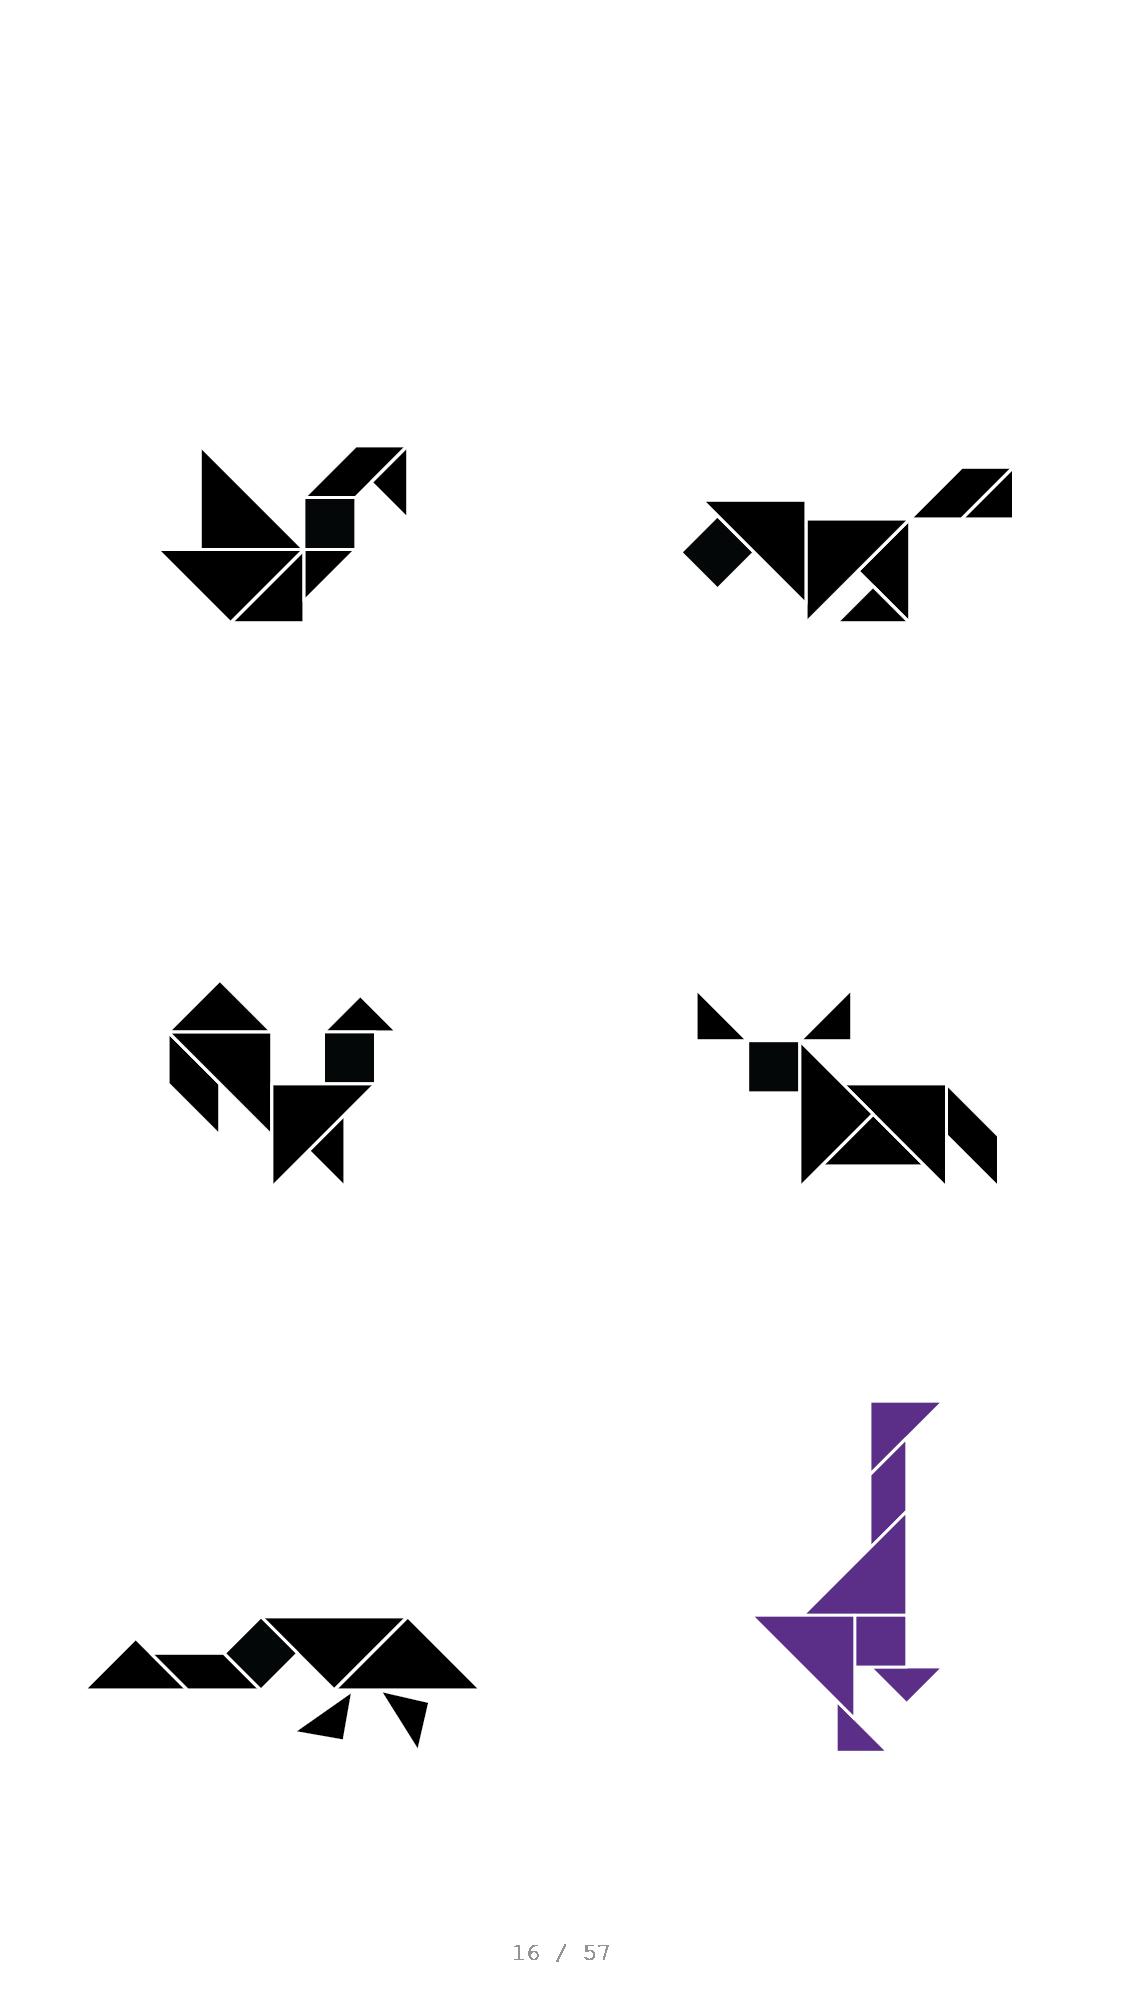 Tangram_Layout_2x3_schwarz-16